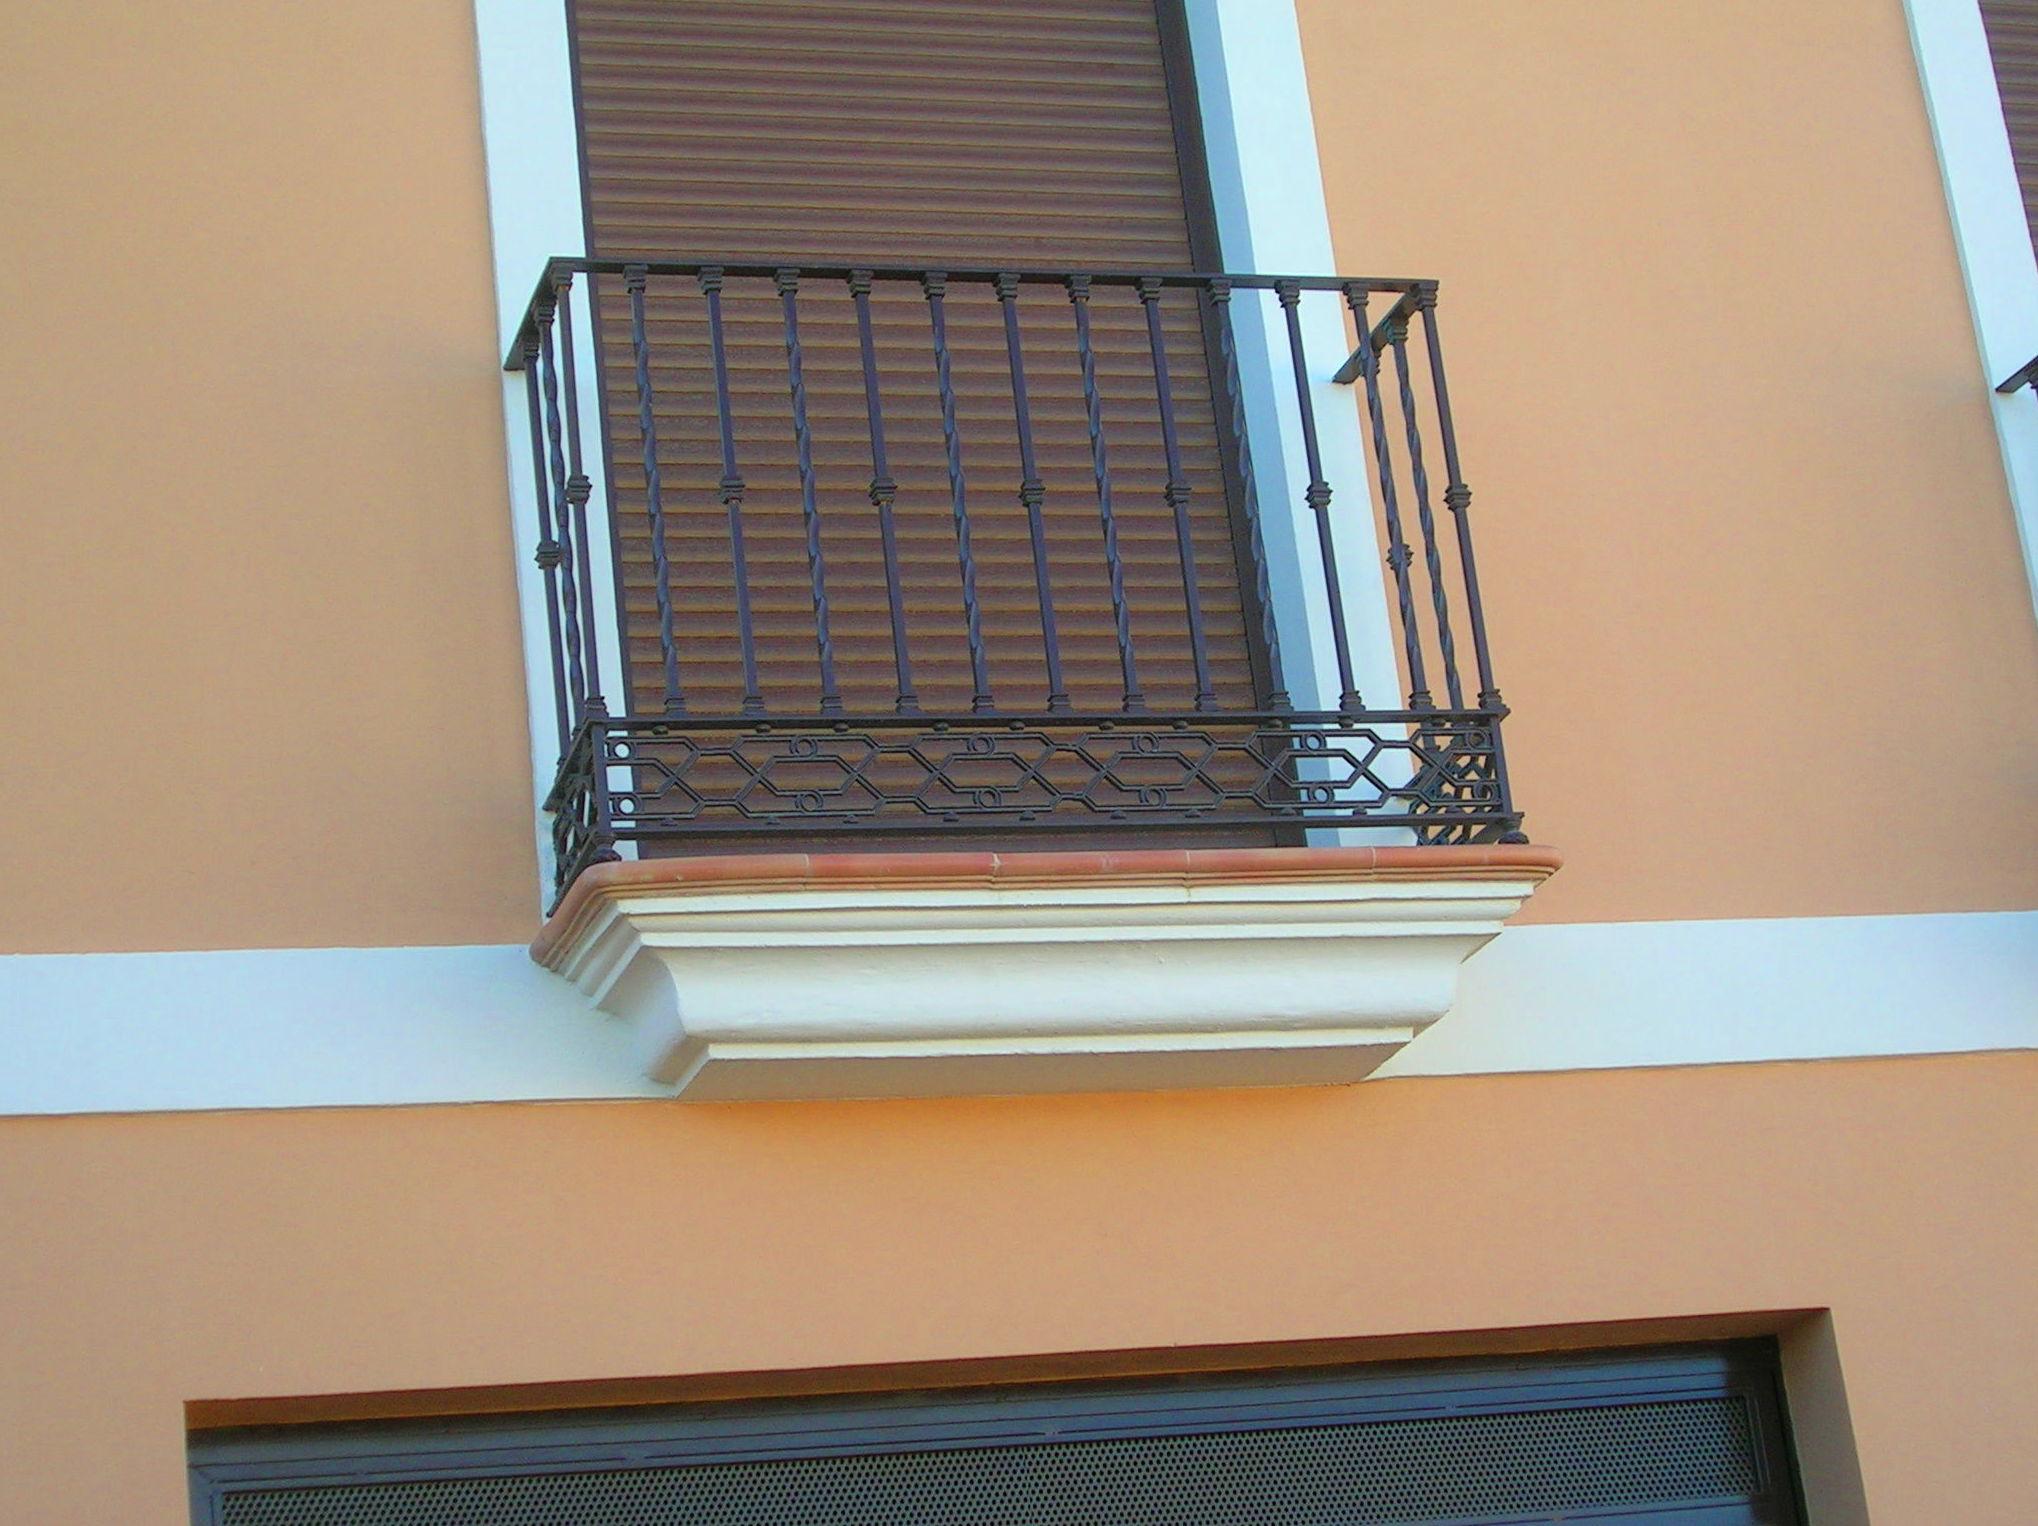 Barandillas Y Balcones Productos De Hermanos Oliva Sanchez - Balcones-aluminio